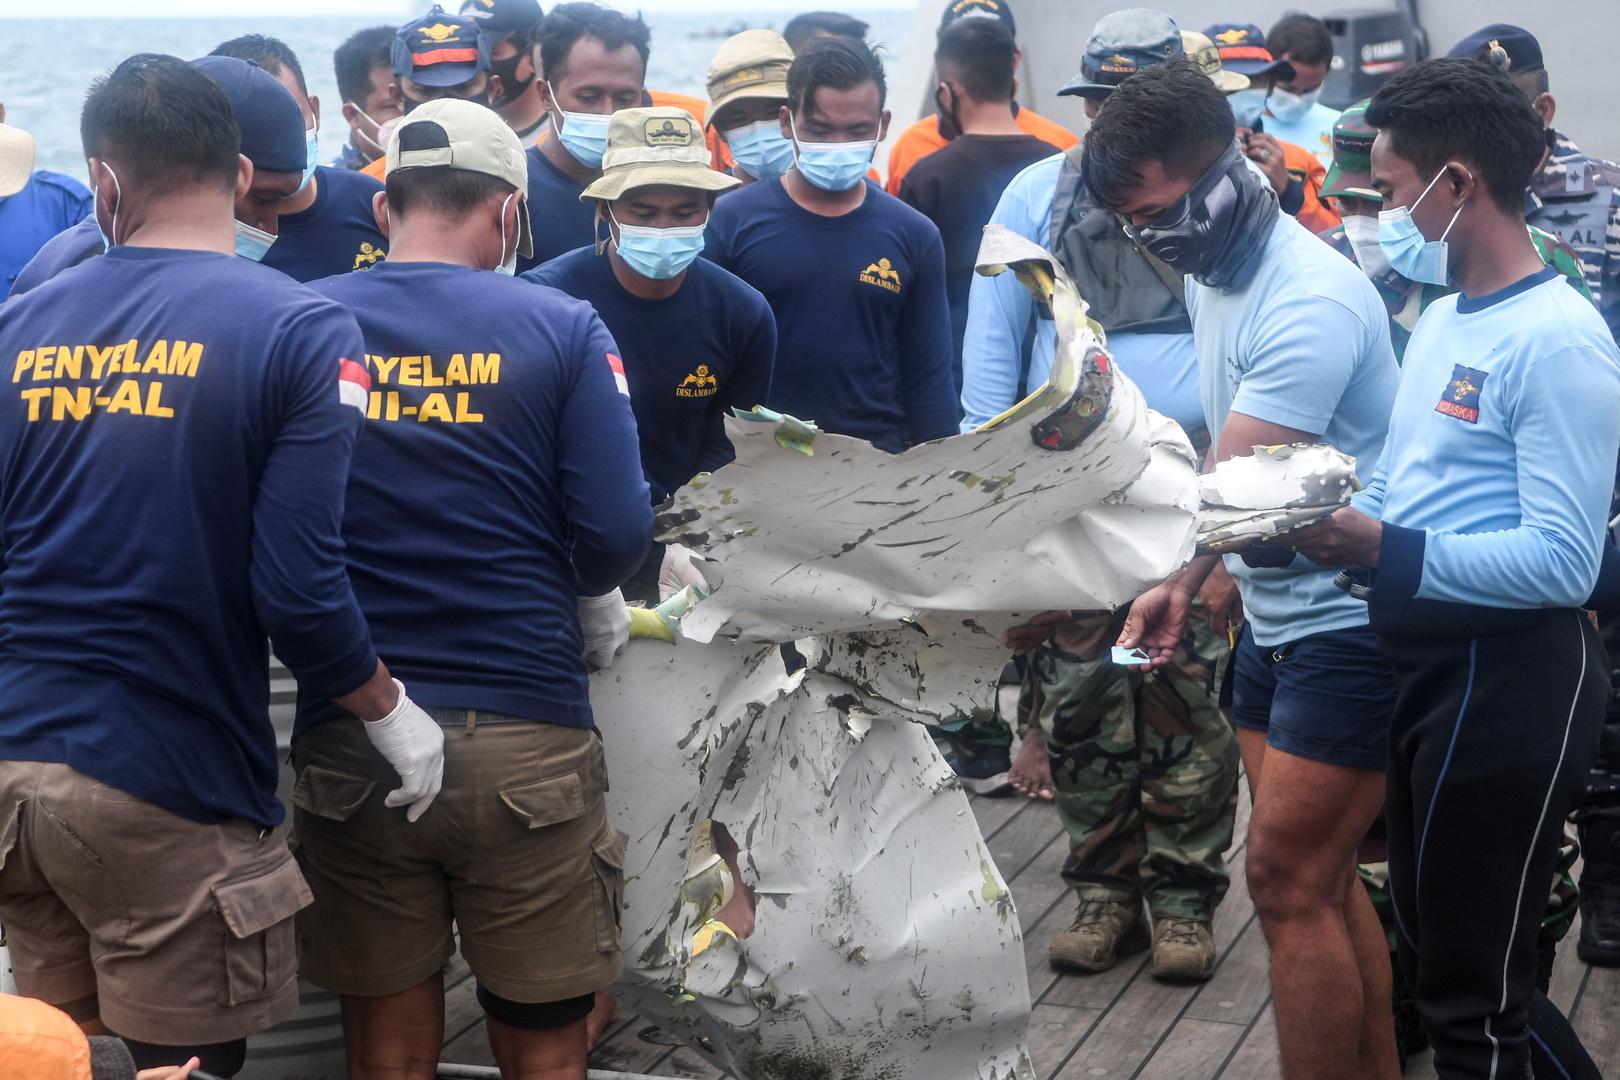 إندونيسيا تستأنف البحث عن الضحايا والصندوق الأسود للطائرة المنكوبة